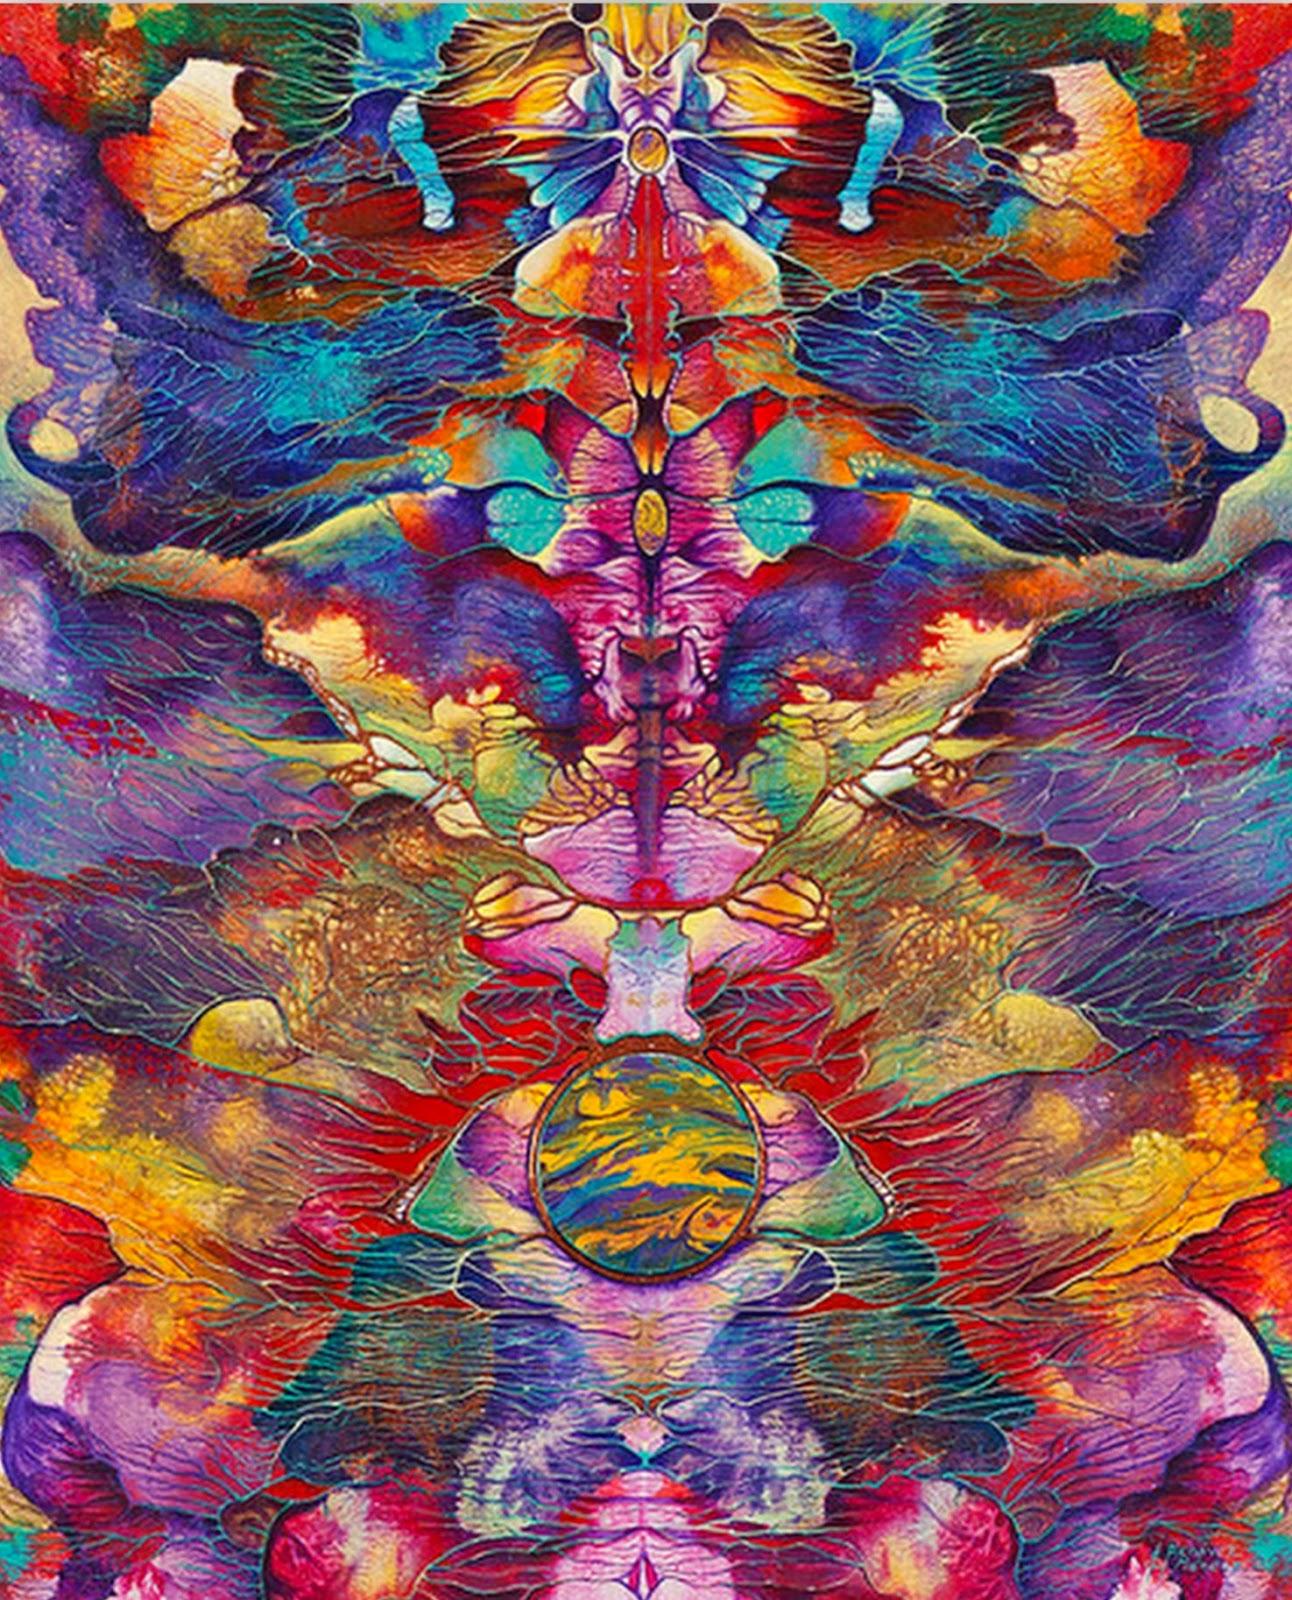 Cuadros pinturas oleos abstractos modernos pinturas de for Cuadros coloridos modernos